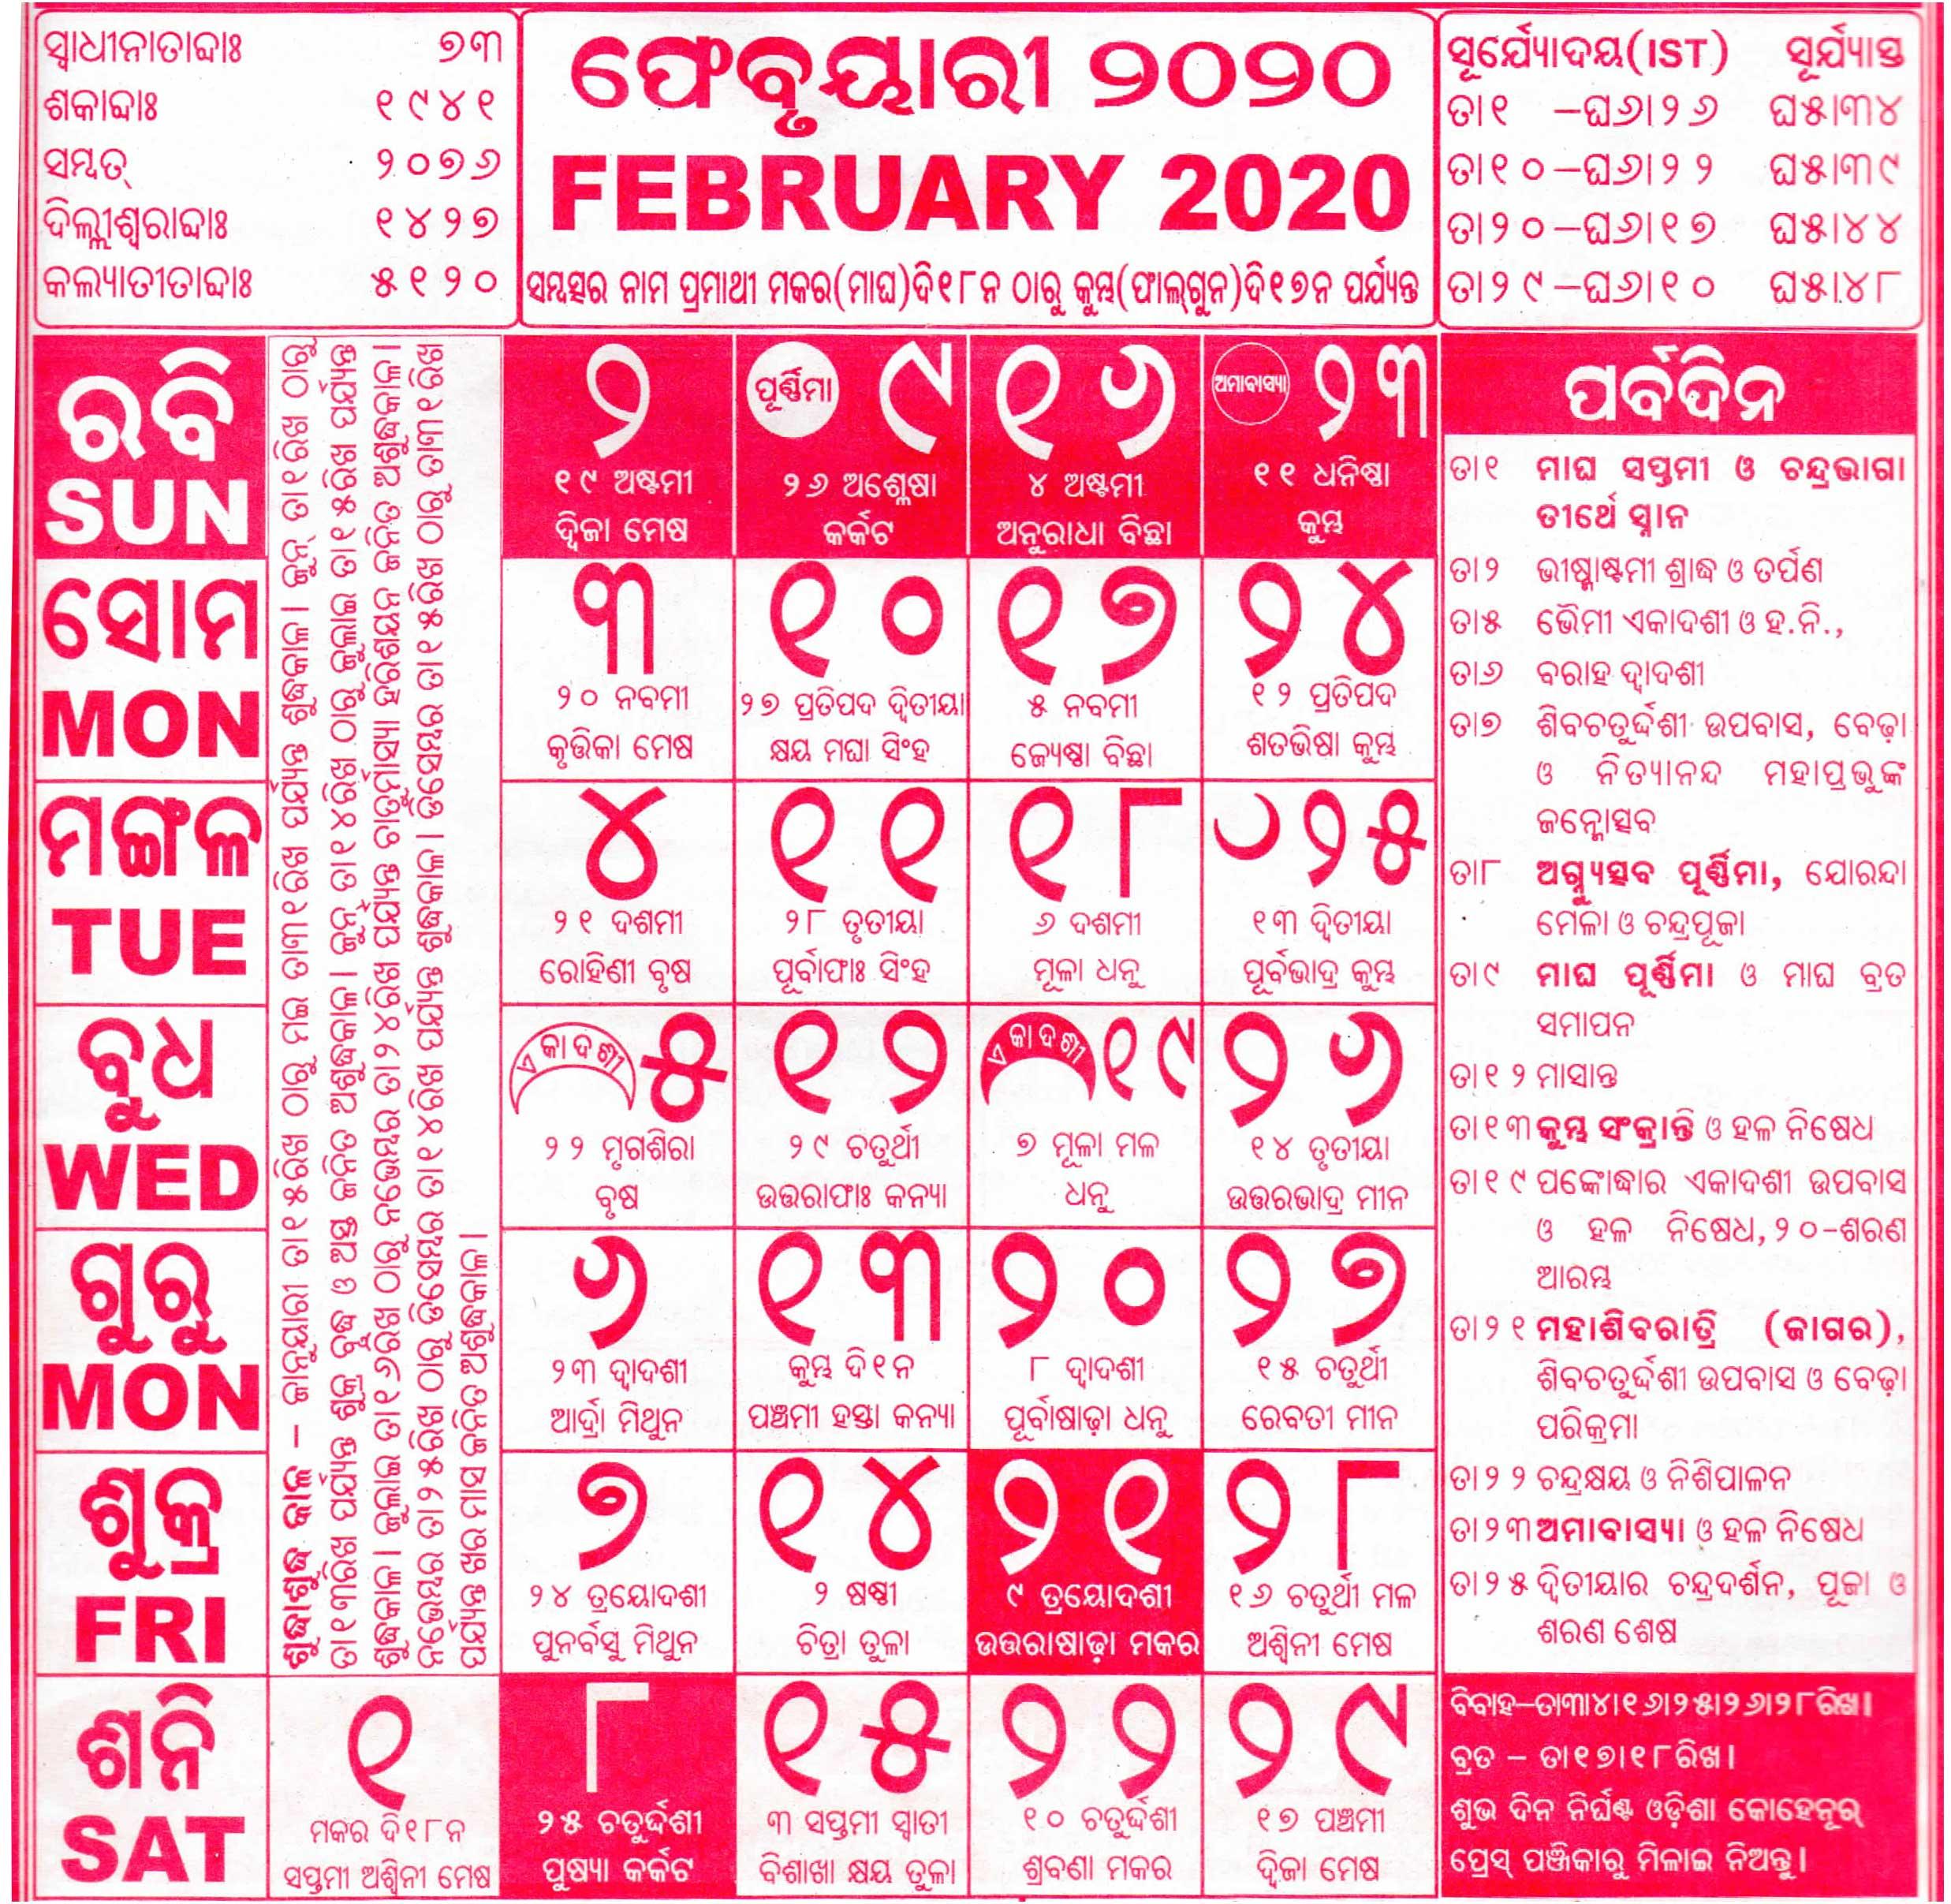 Odia Calendar February 2020 | | Calendarcraft for Odia Calendar January 2020